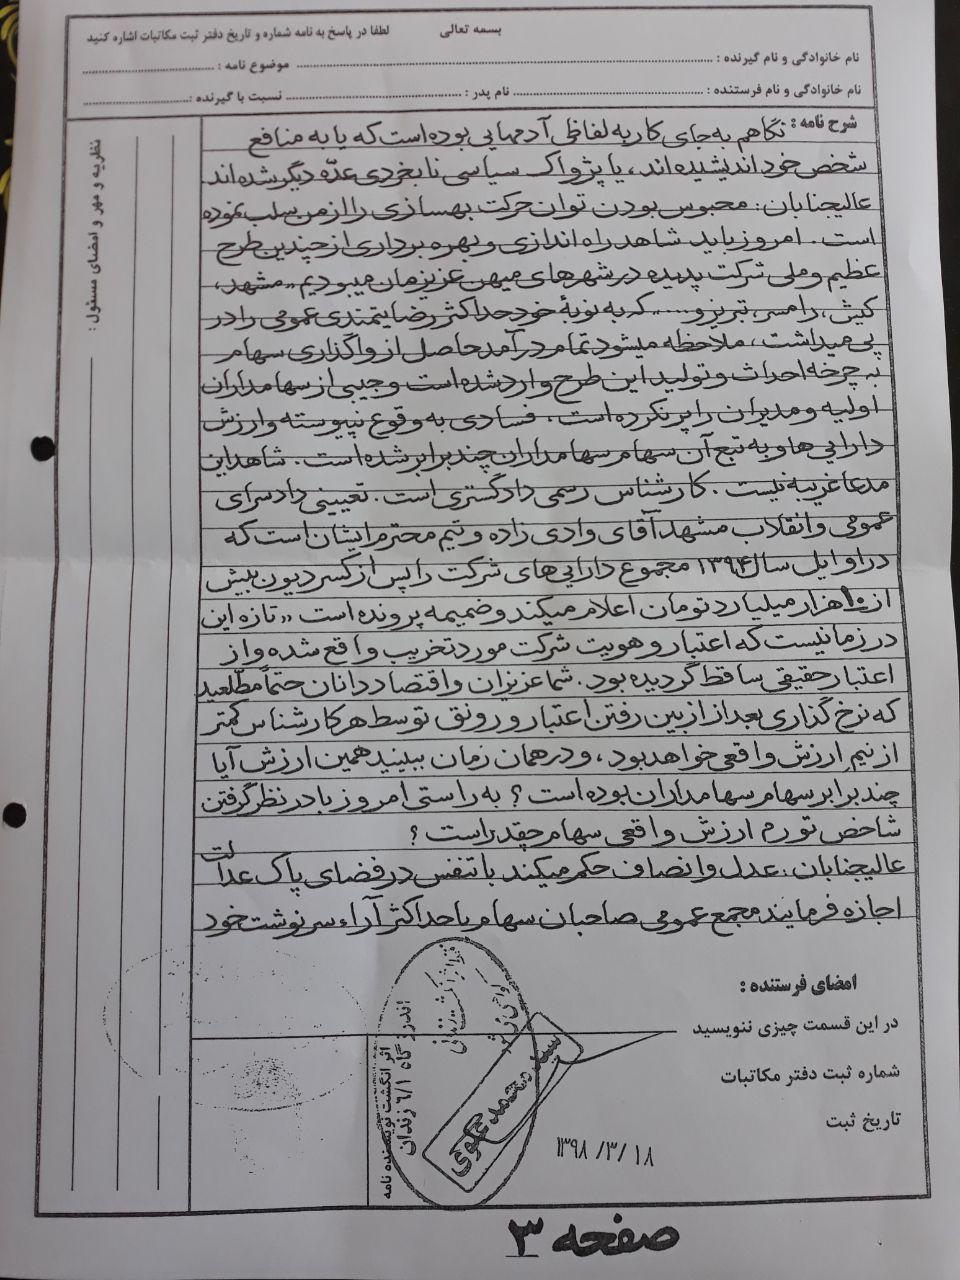 نامه سوم محسن پهلوان به قاضی منصوری - صفحه سوم